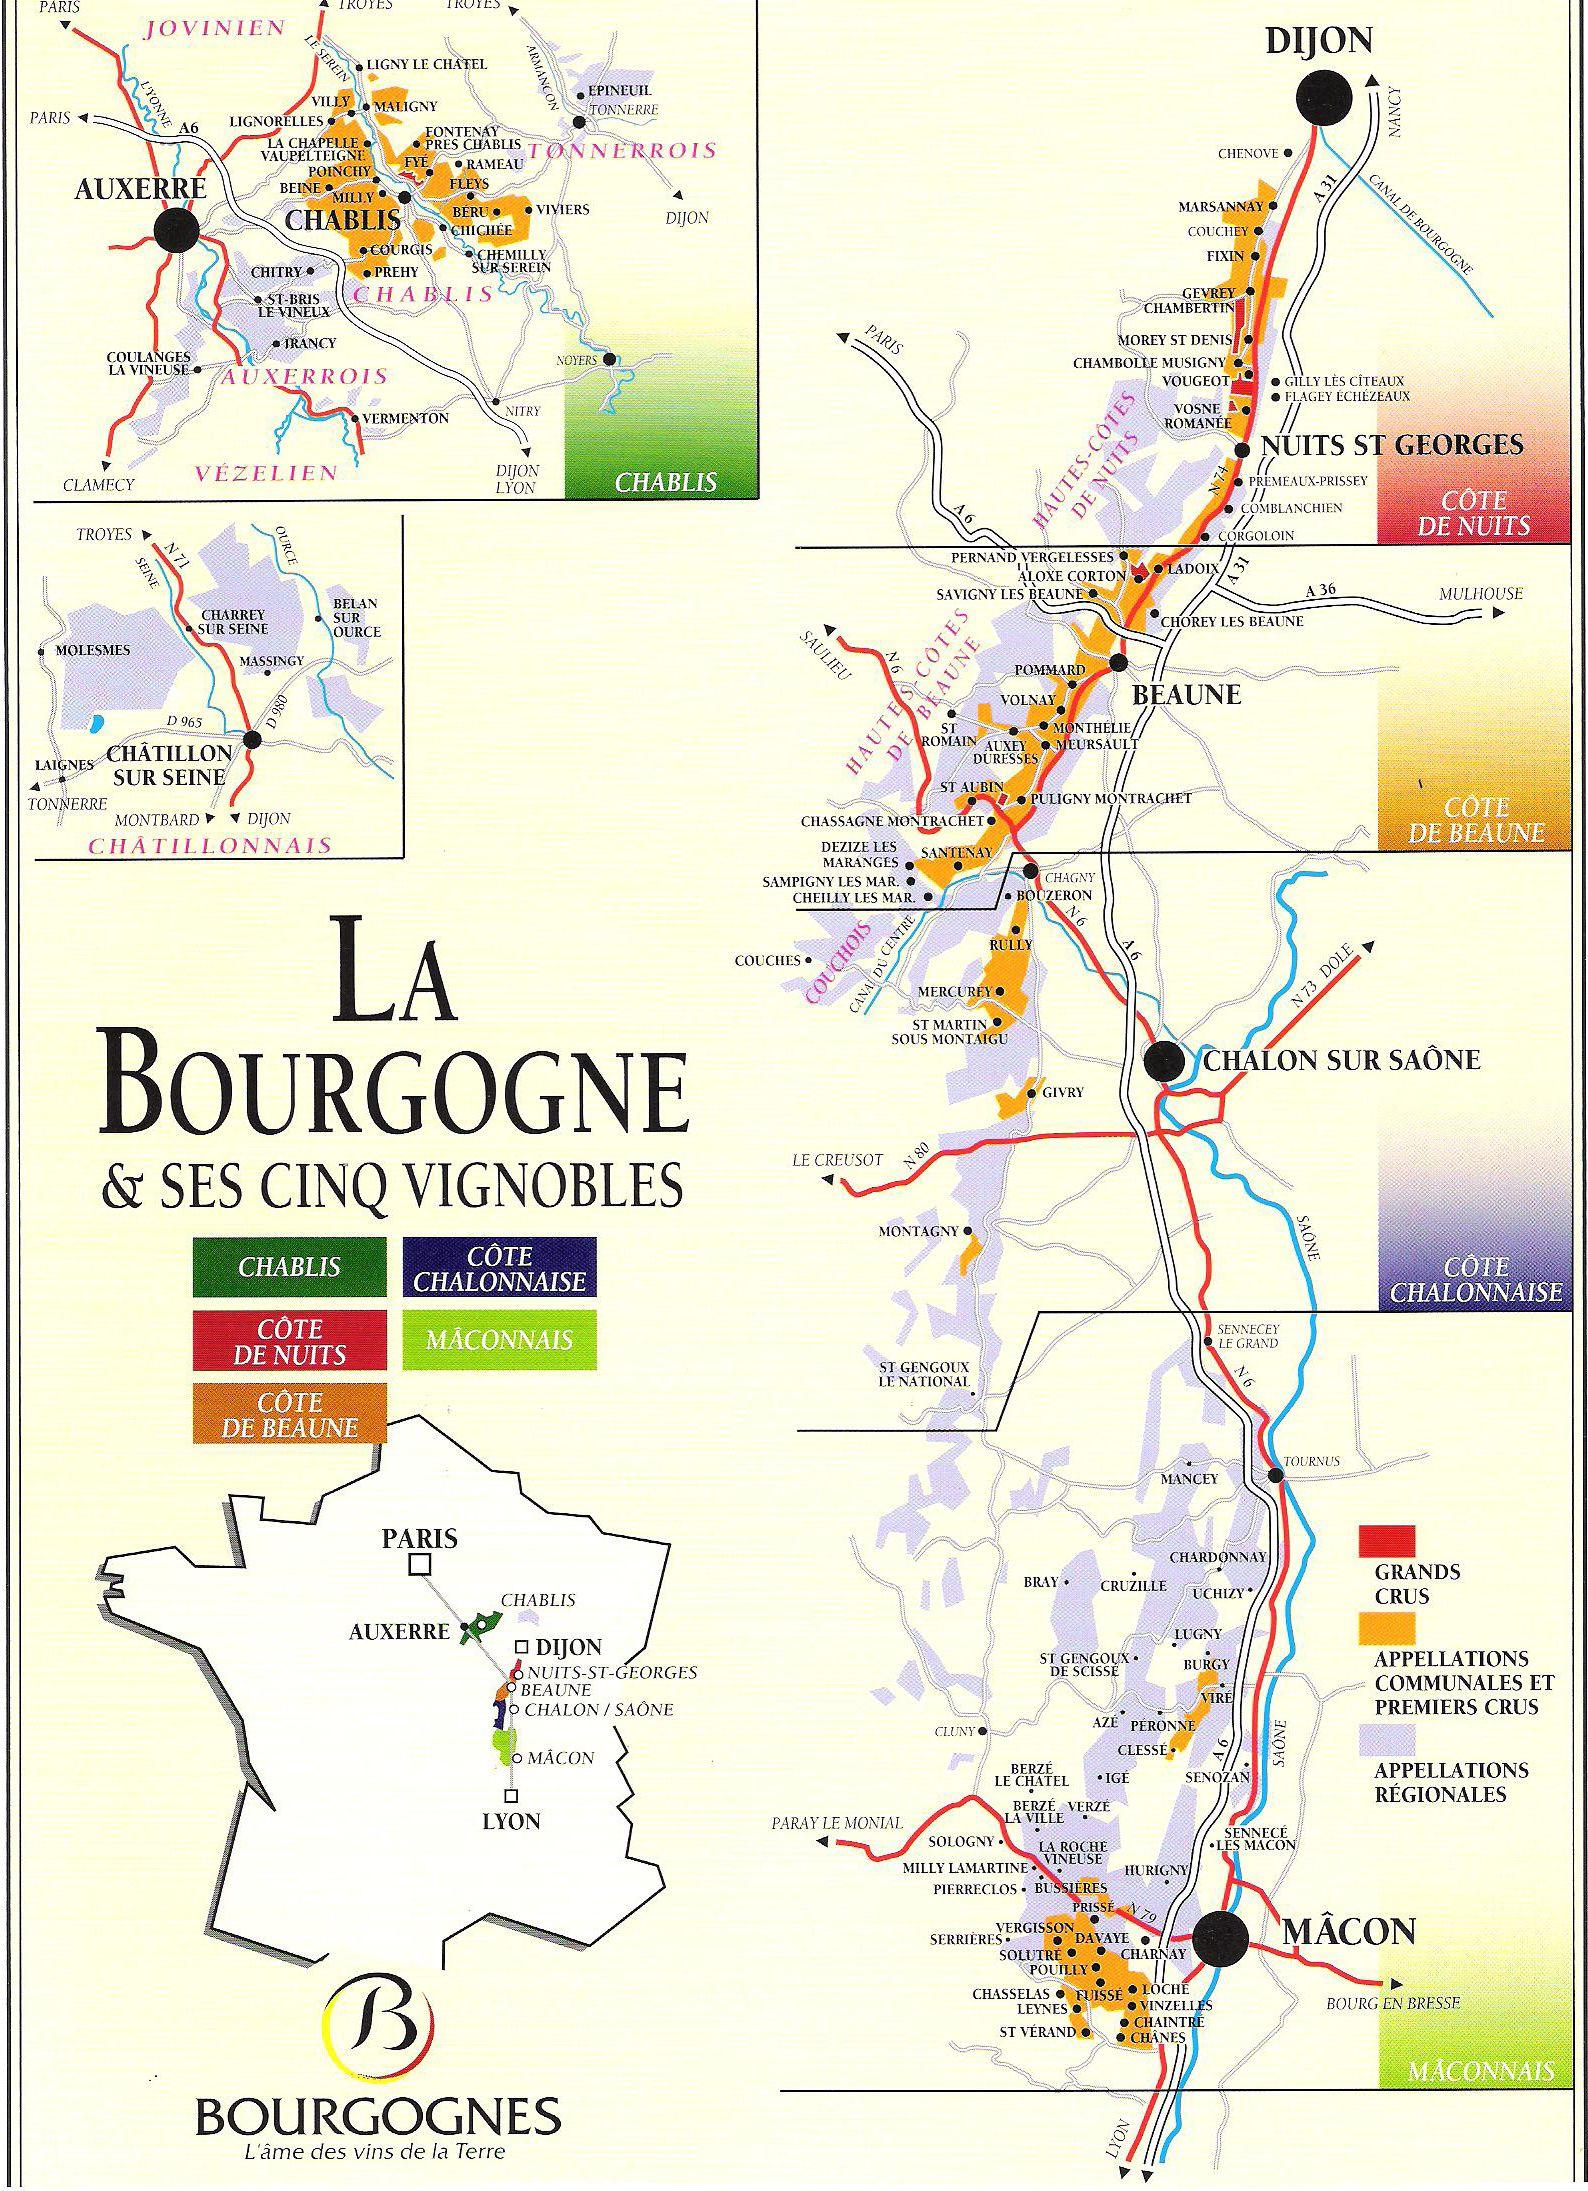 bourgogne or burgundy wine region of france regiones